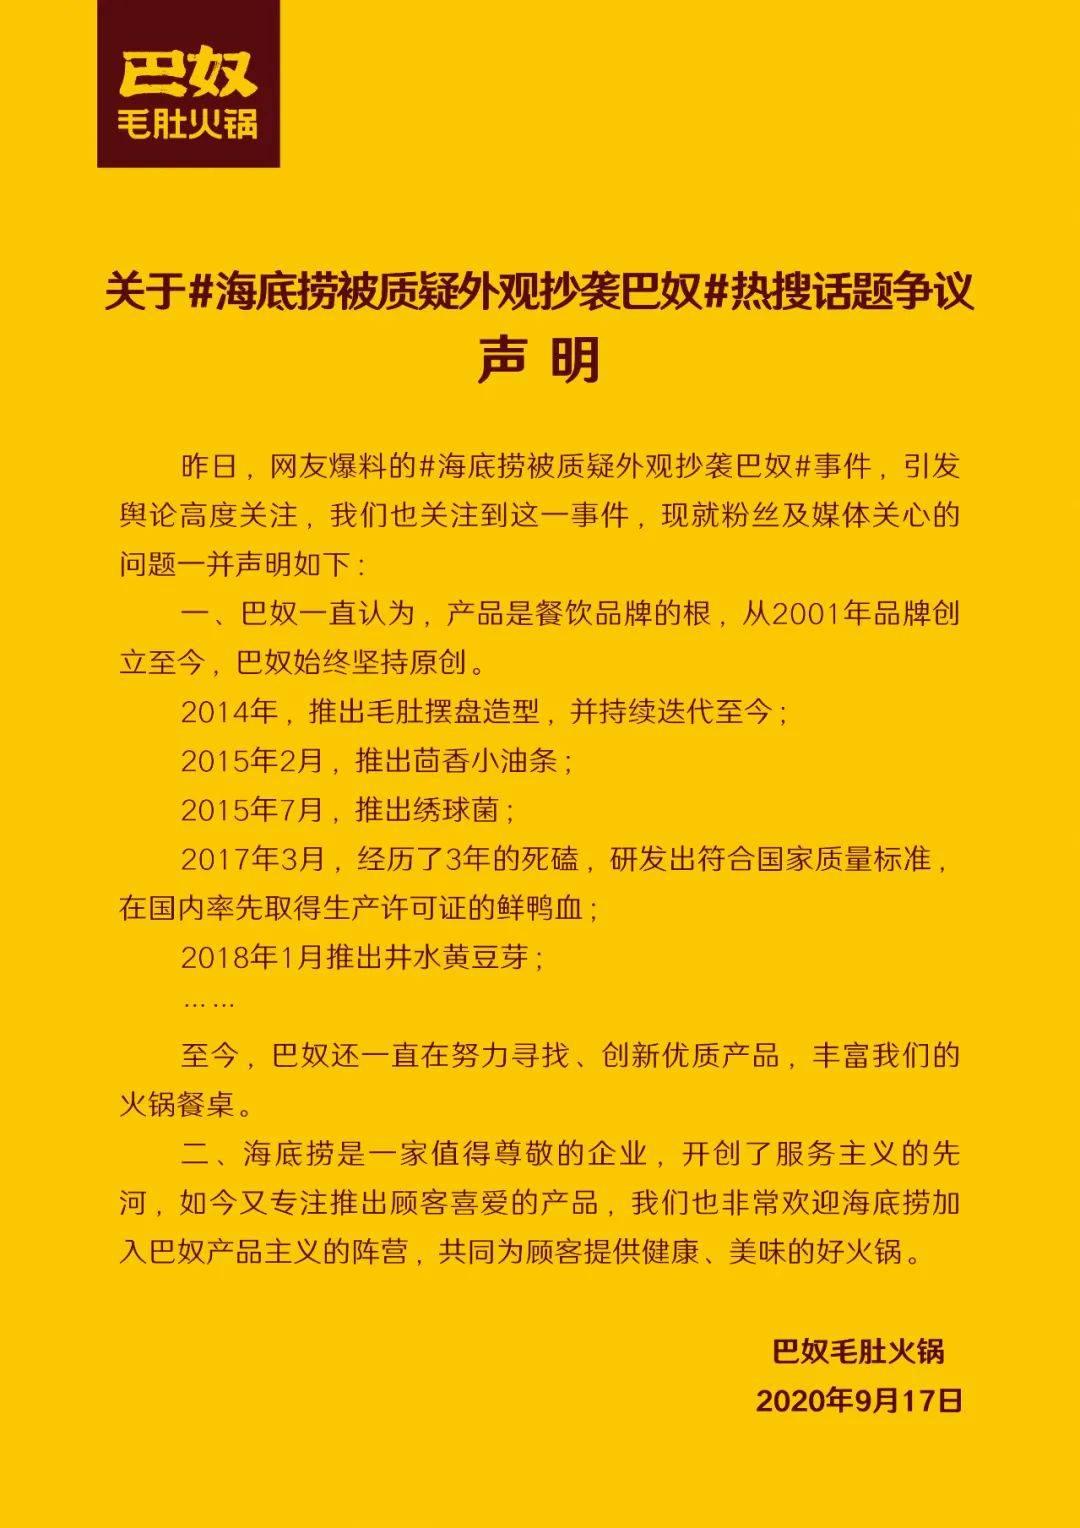 【巴奴回应海底捞抄袭争议:欢迎海底捞加入巴奴产品主义的阵营】